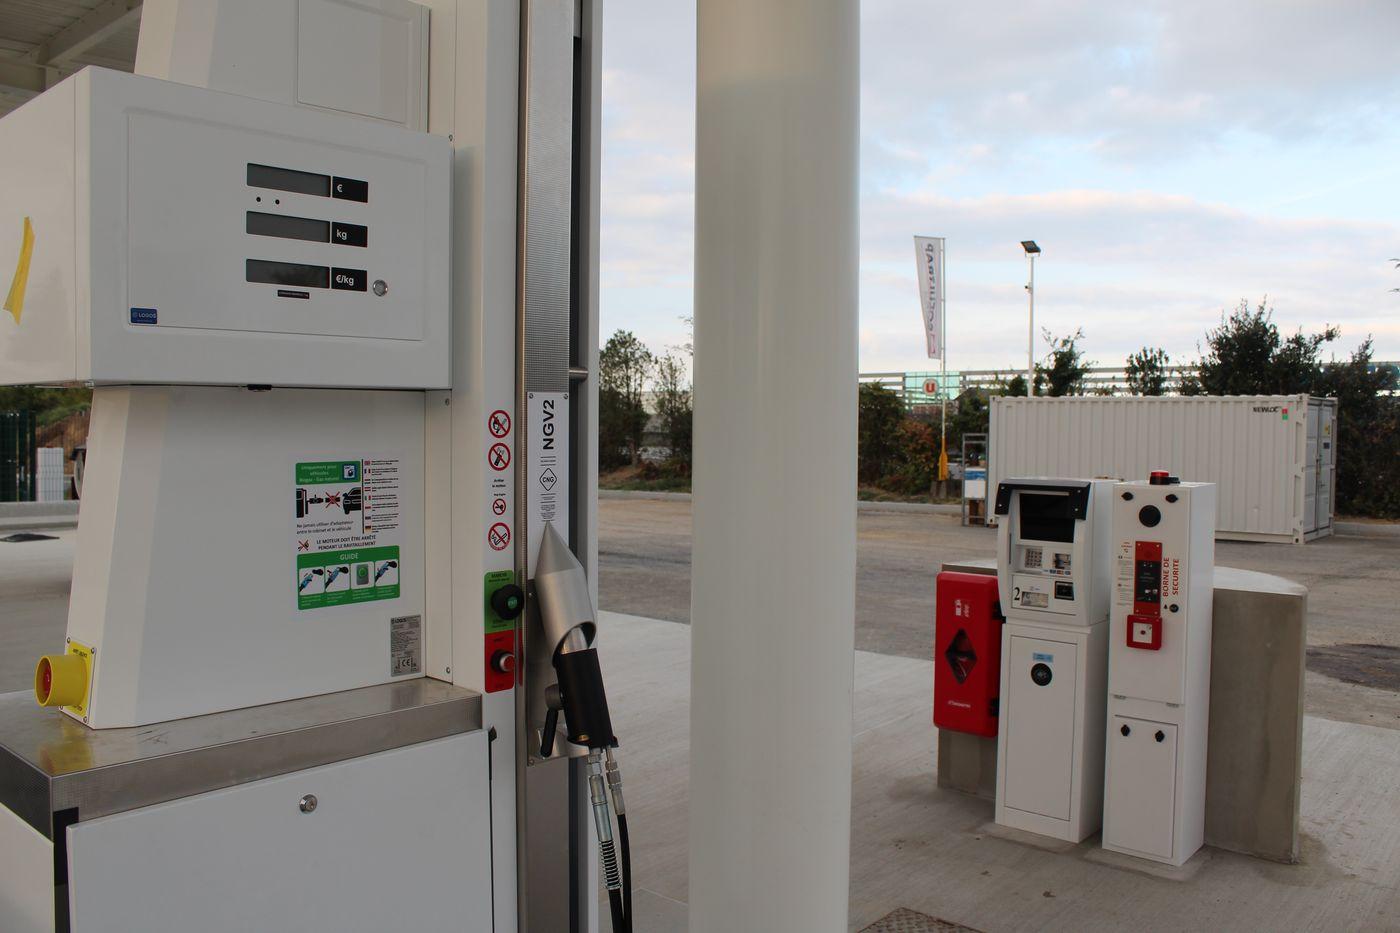 Vendée : Première visite à la future station GNV de La Roche-sur-Yon